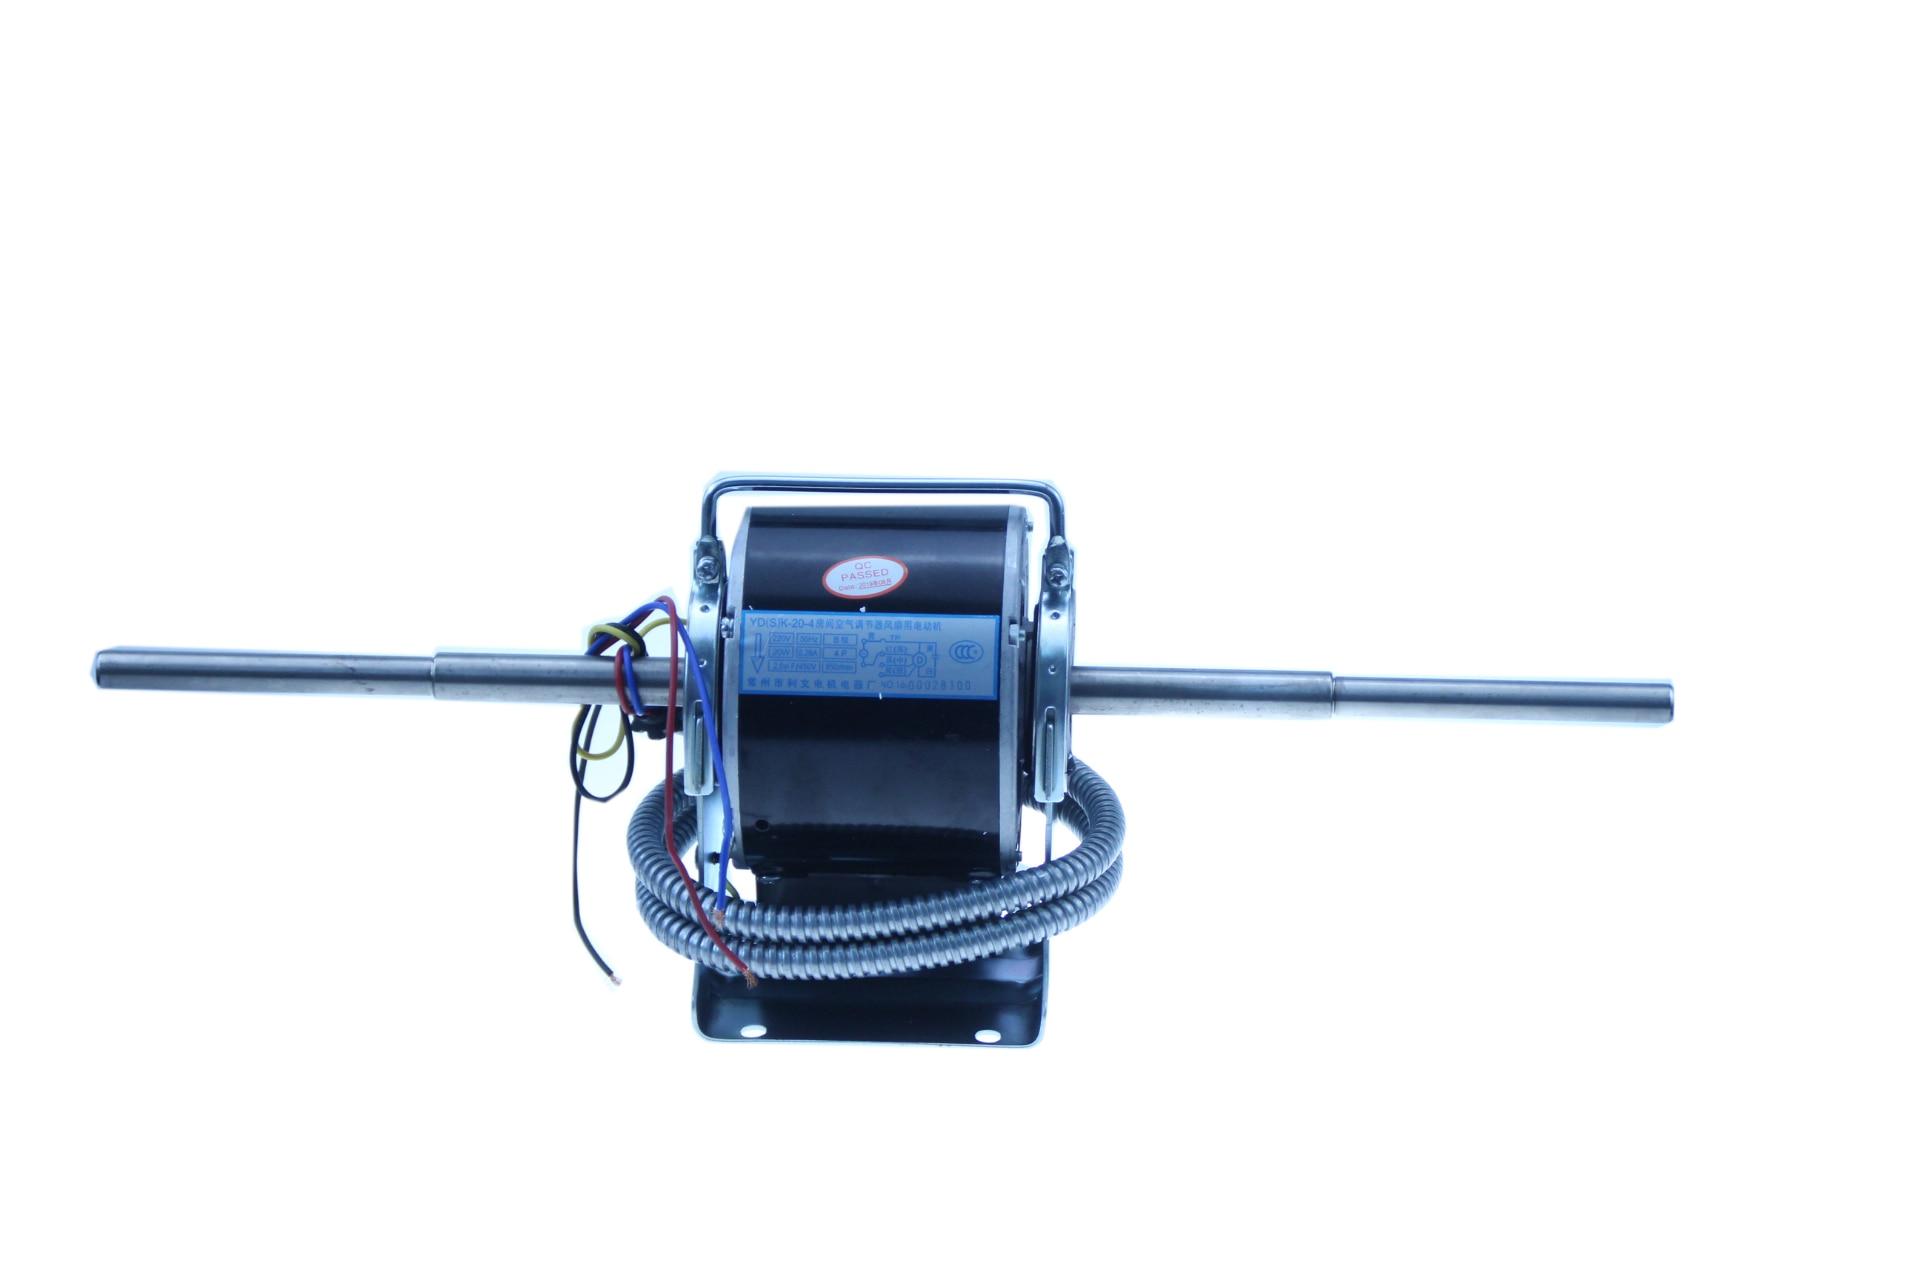 Motor de la unidad de la bobina del ventilador del aire acondicionado para la unidad Central de aire acondicionado motor de la bobina del ventilador envío gratis